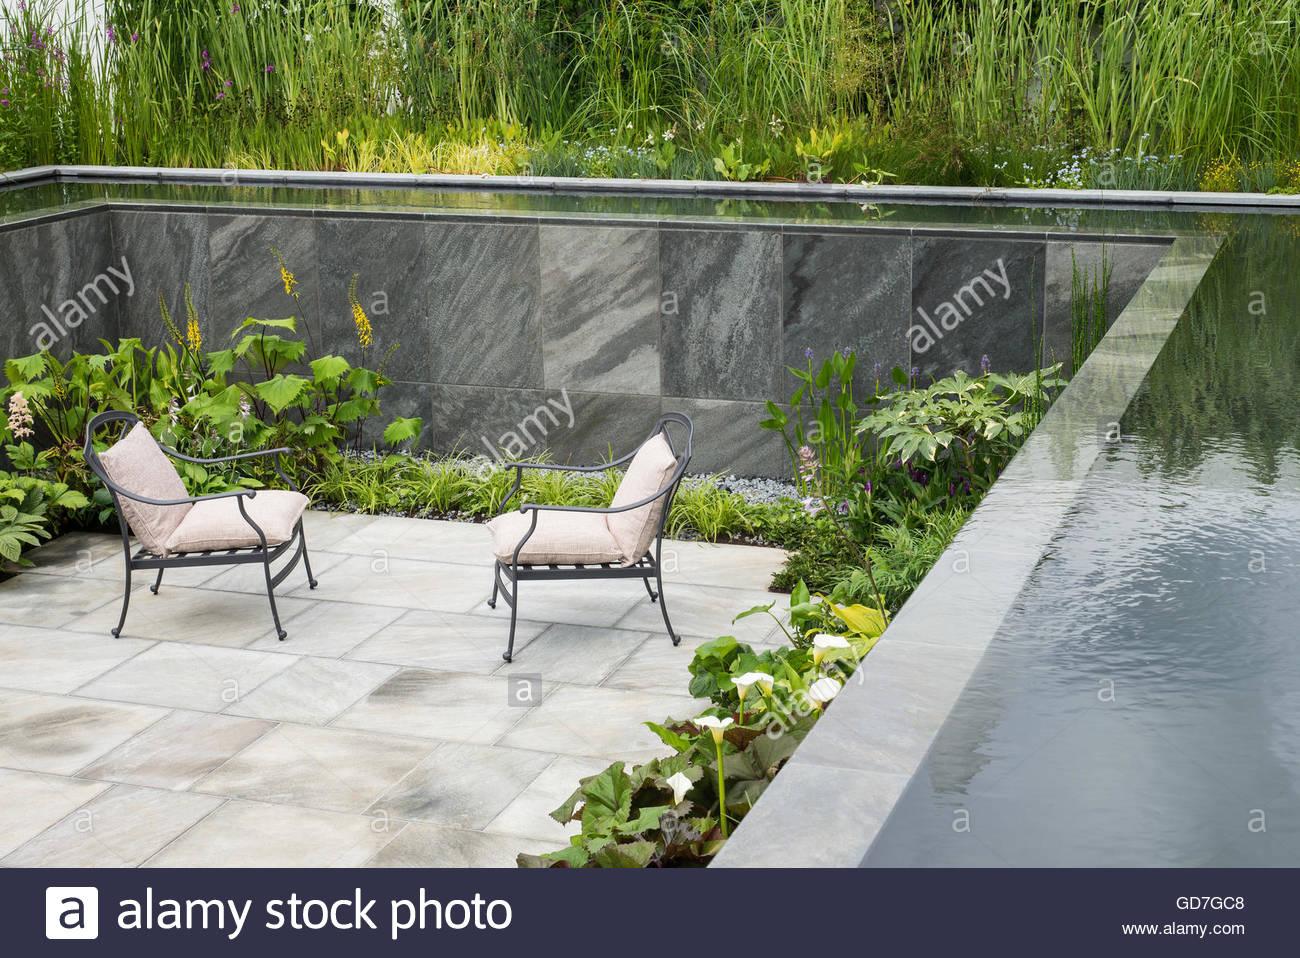 Pareti Con Cascate Dacqua : Lastricata sunken giardino con posti a sedere in piscina e cascate